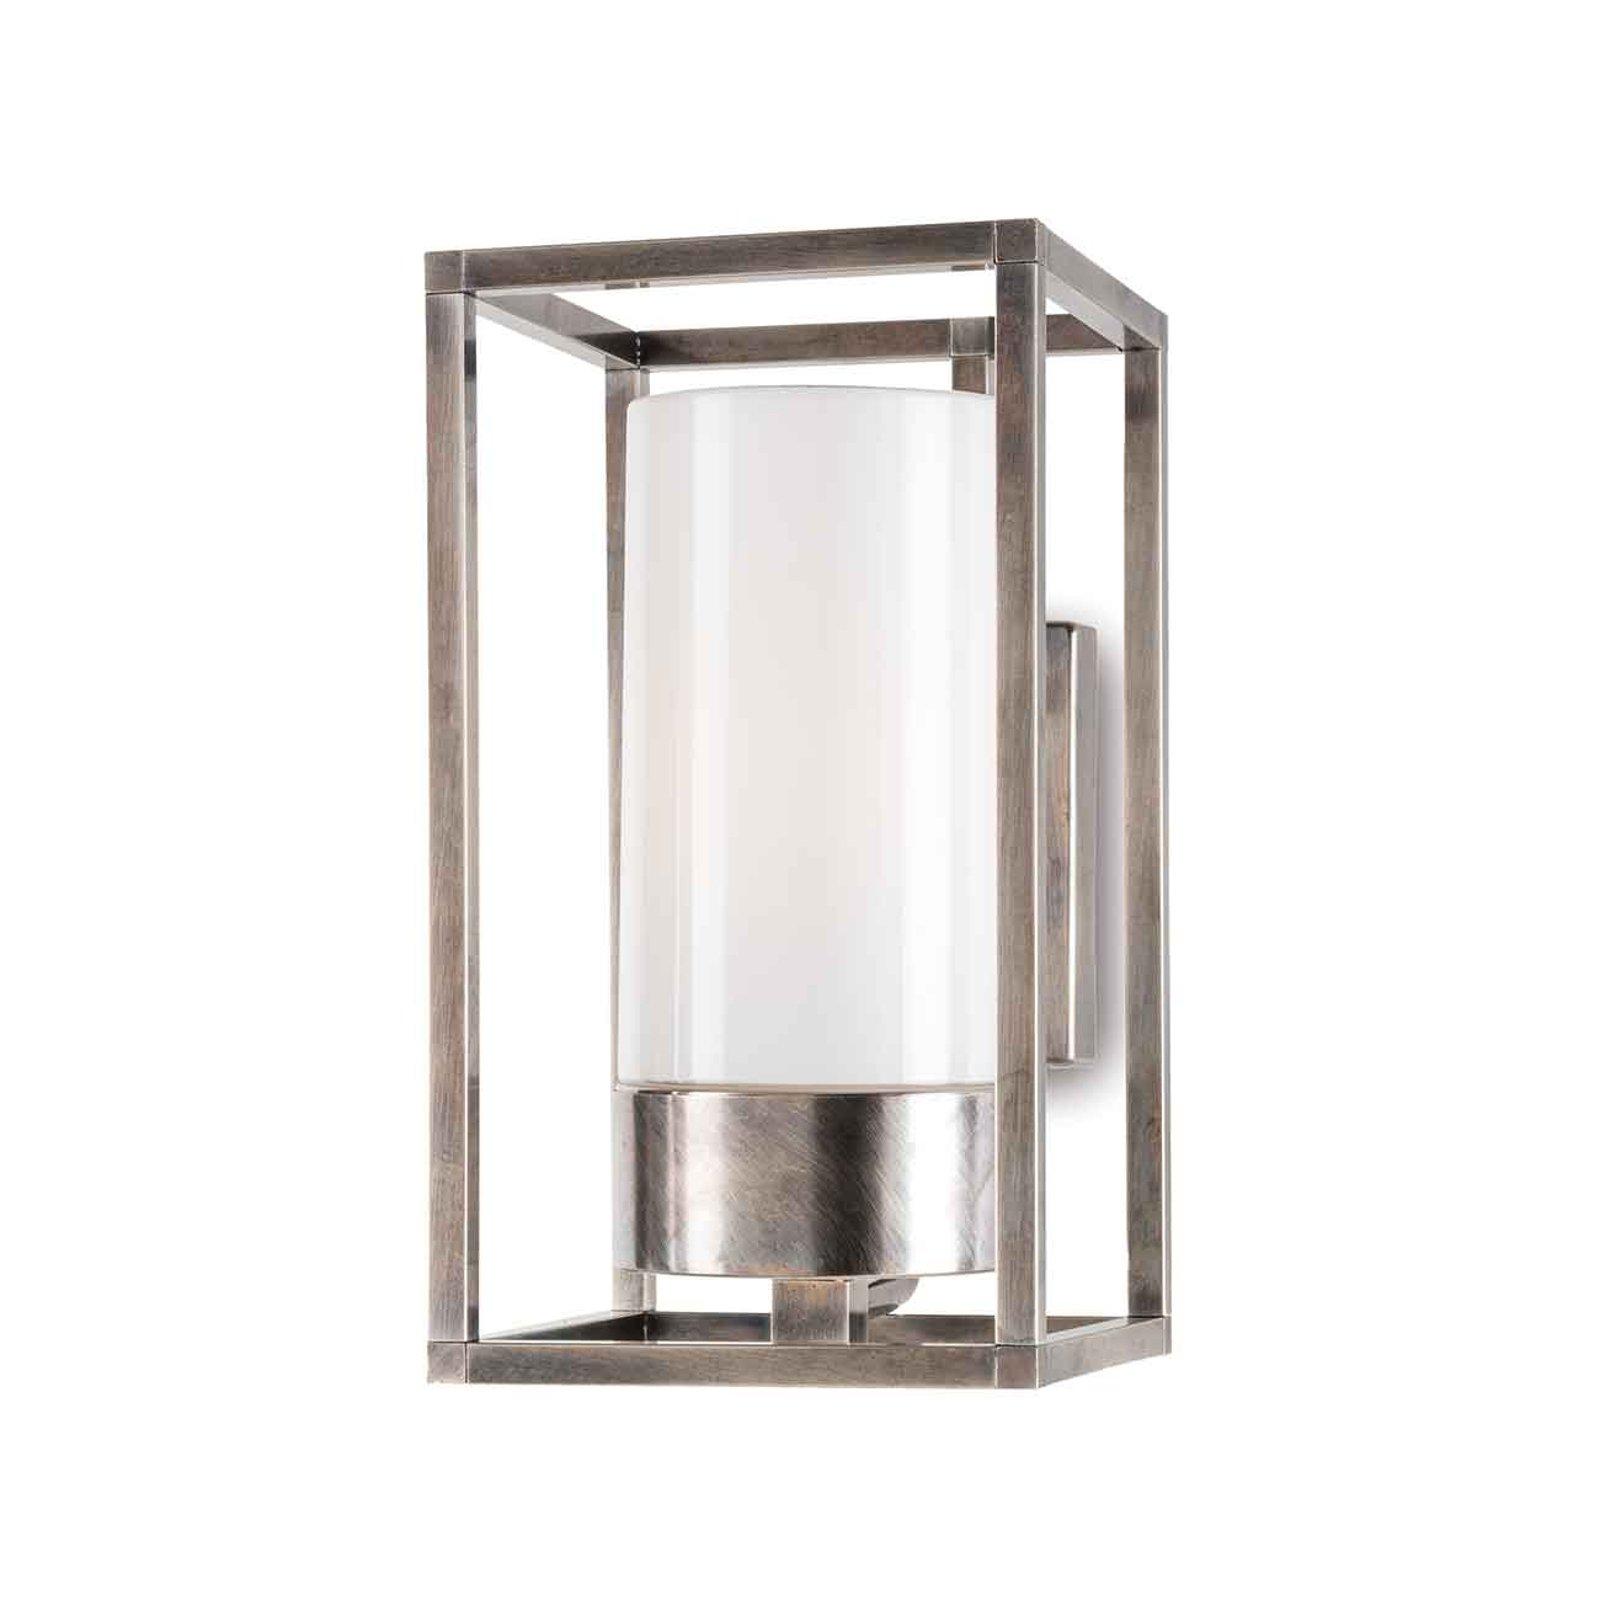 Cubic³ 3364 utendørs vegglampe antikk nikkel/opal